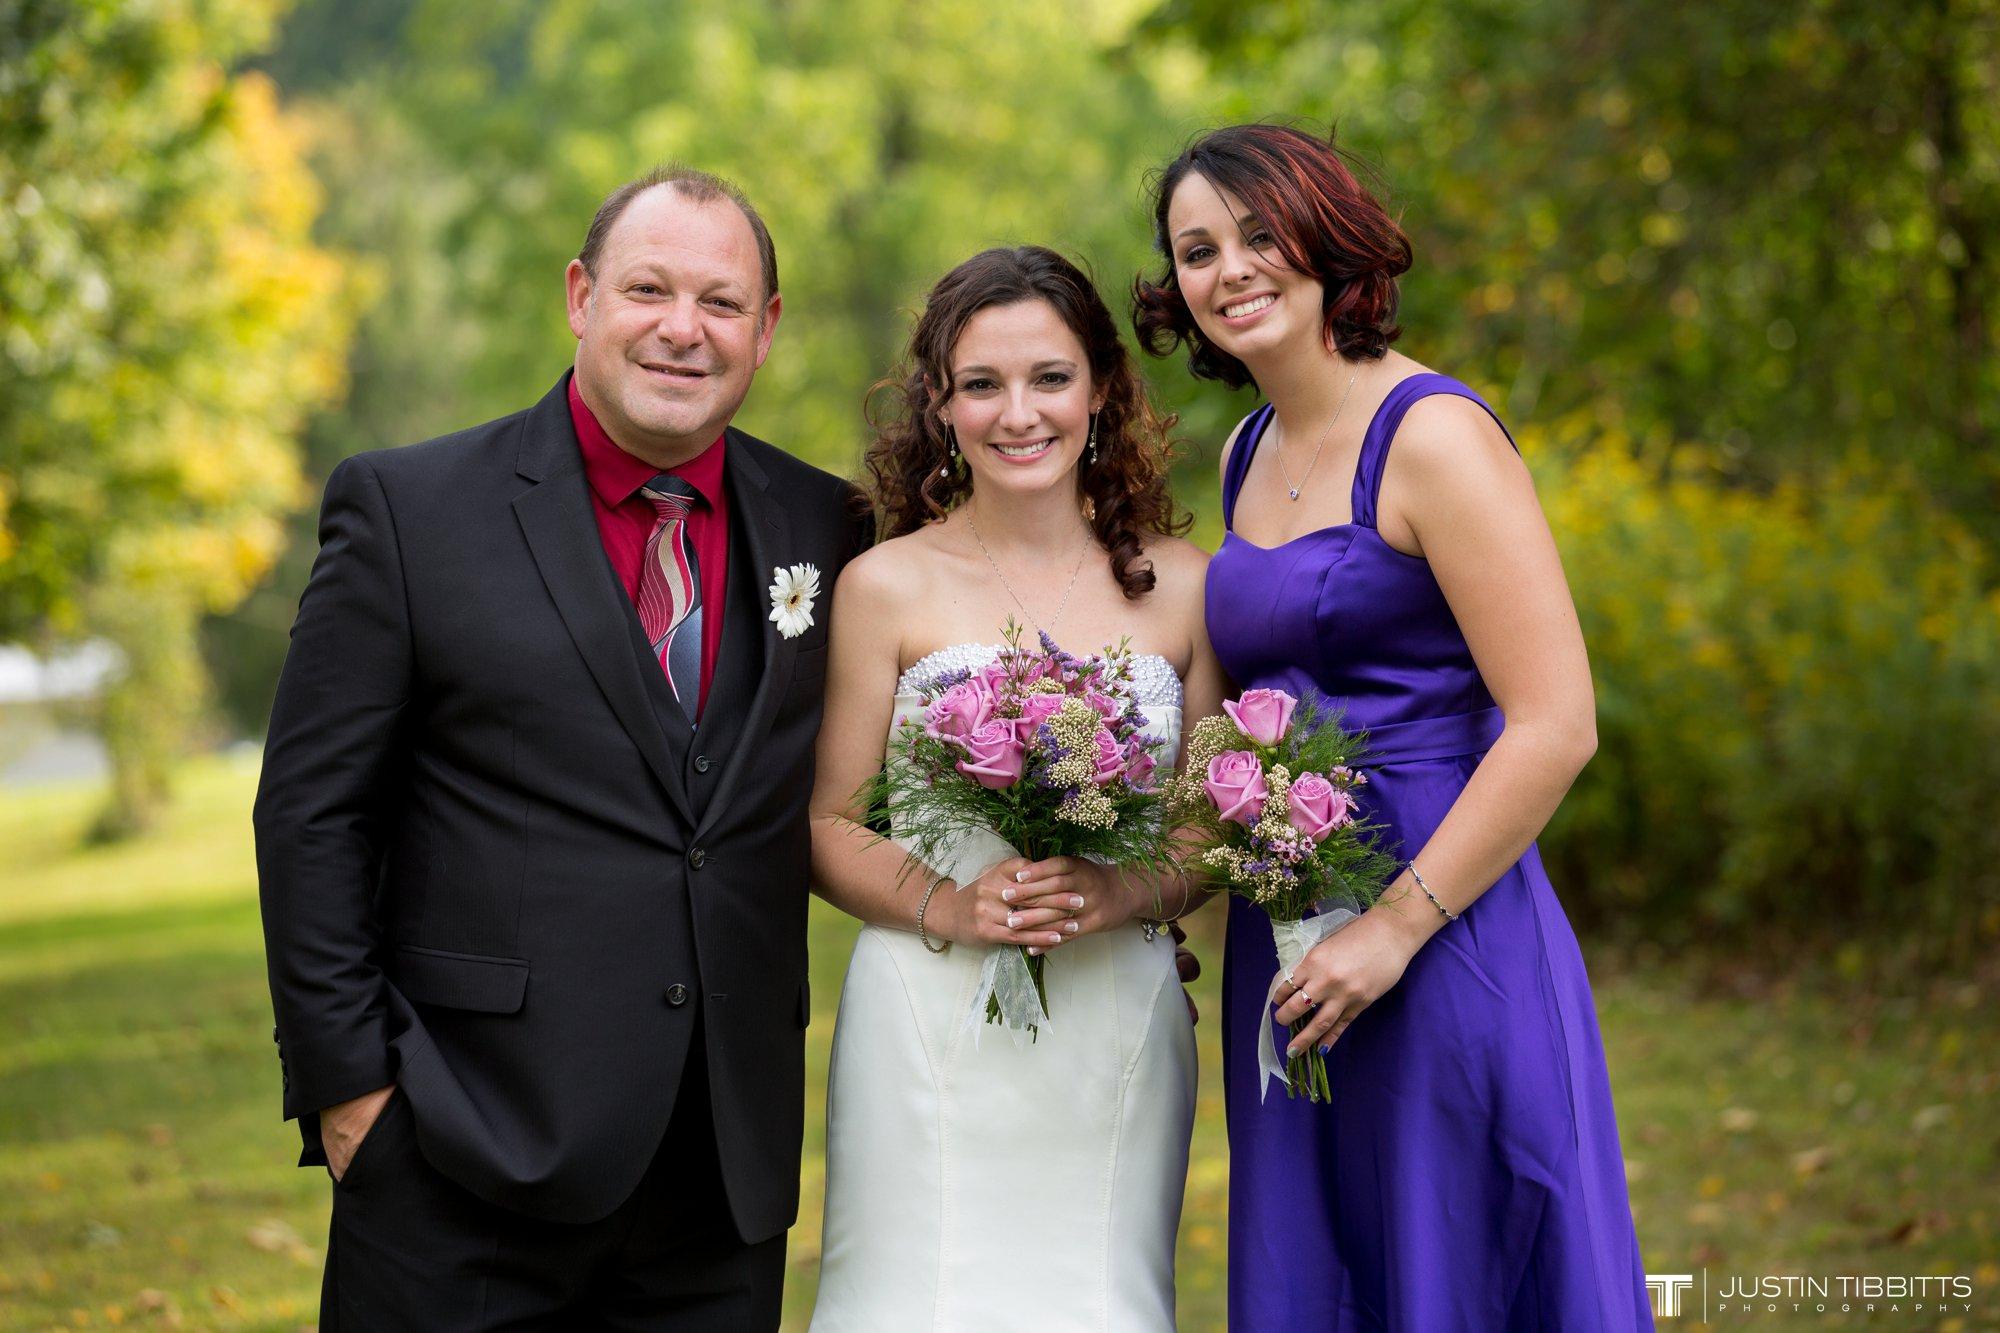 Justin Tibbitts Photography Rob and Brittany's Averill Park, NY Wedding_0392